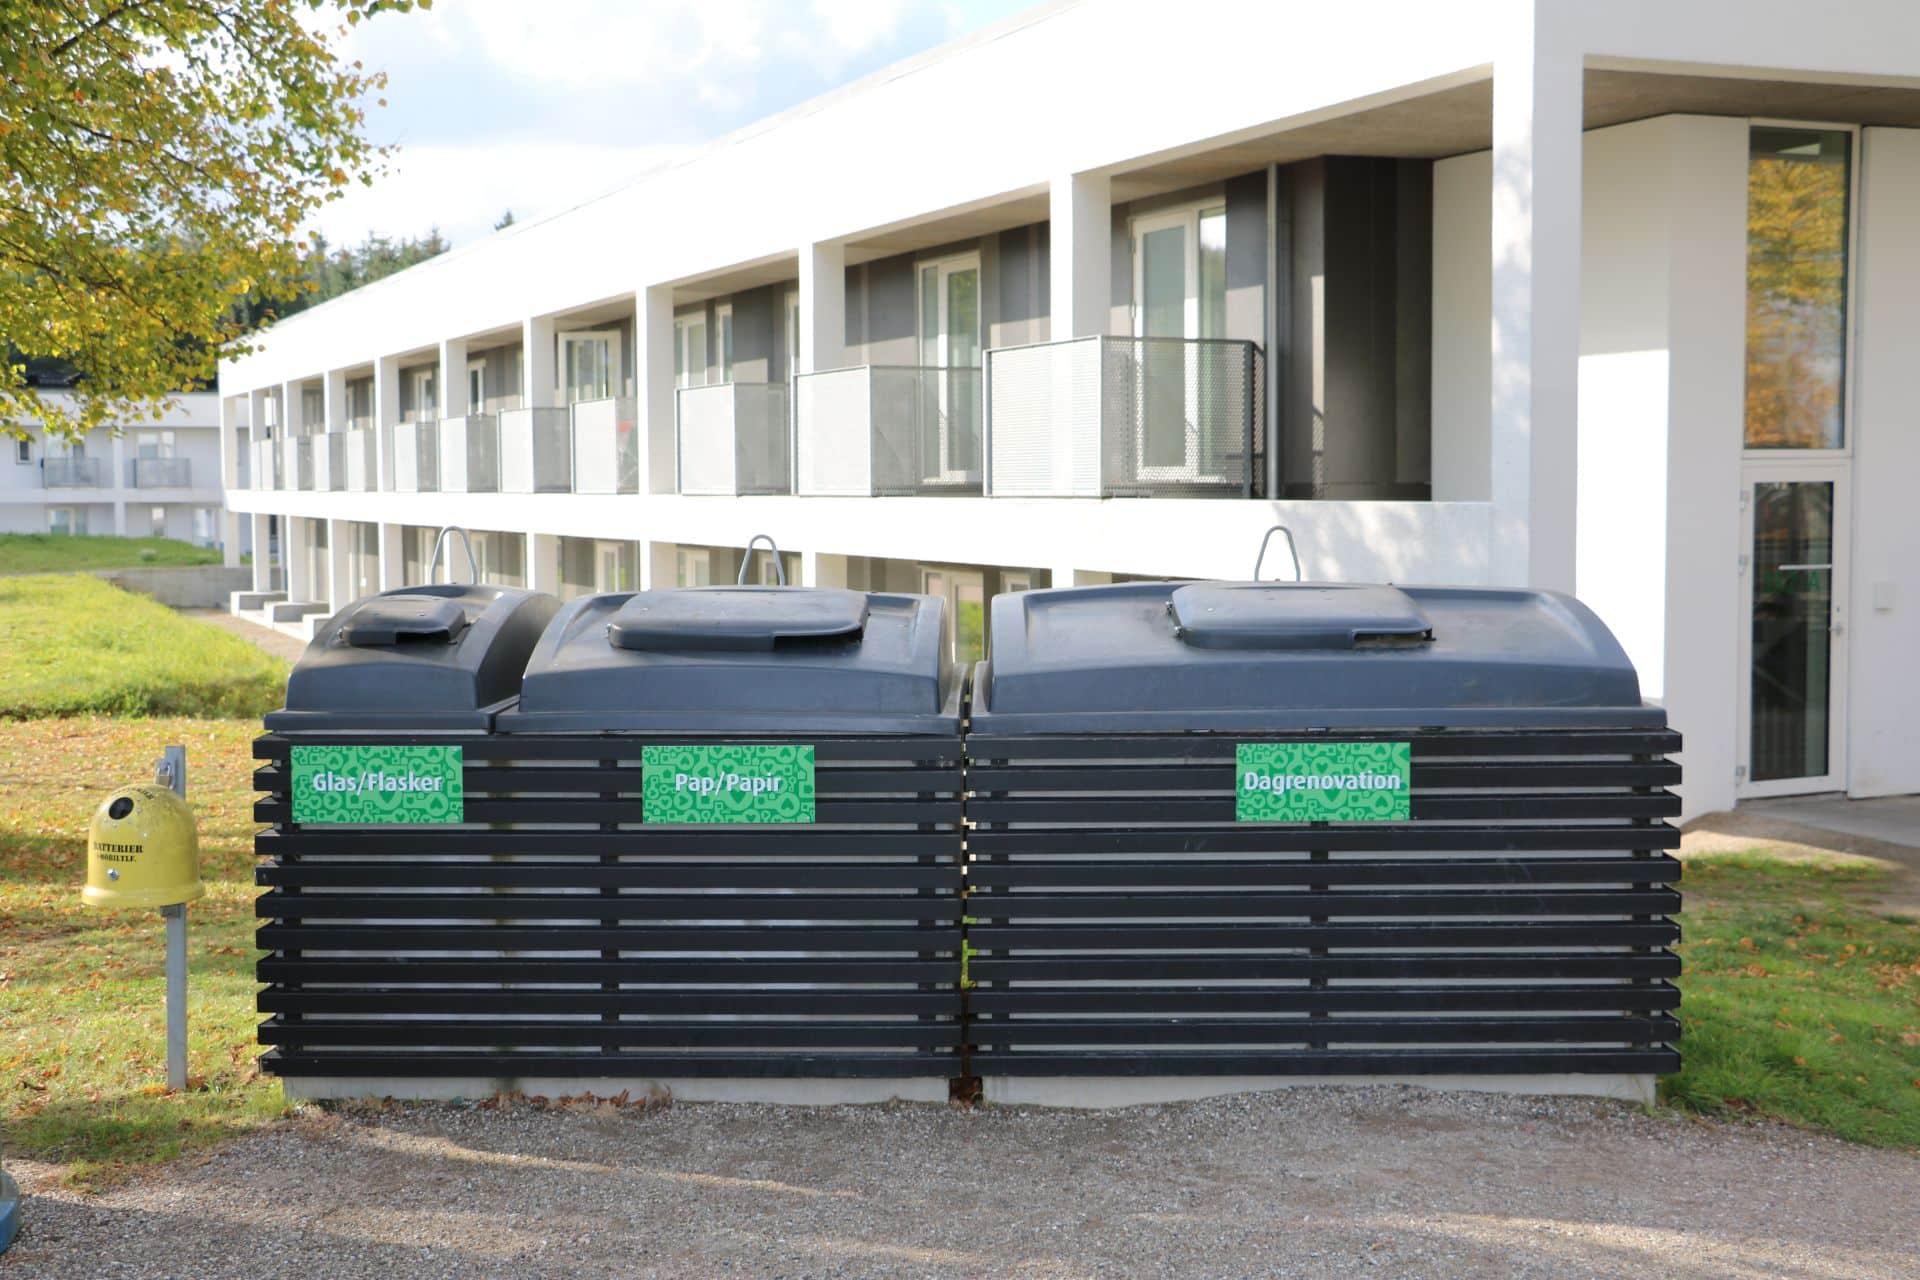 Molok®Domino beklædt med special træbeklædning, Idrætsbyen Aalborg